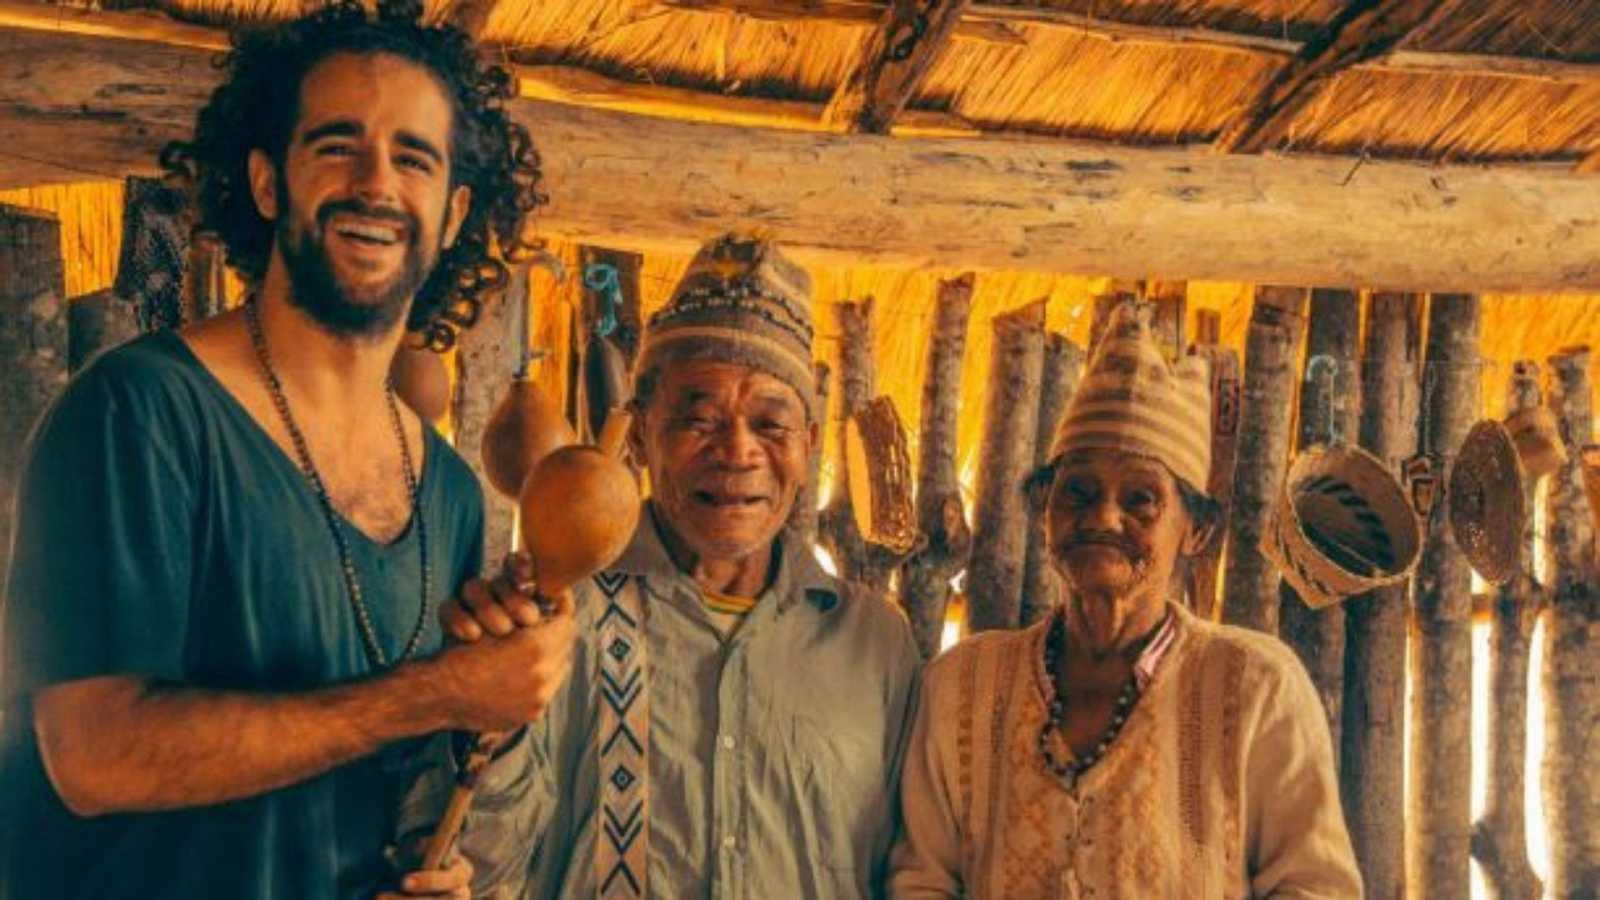 Las Mañanas de Radio Nacional con Pepa Fernández - 'Soy Tribu' - Escuchar ahora